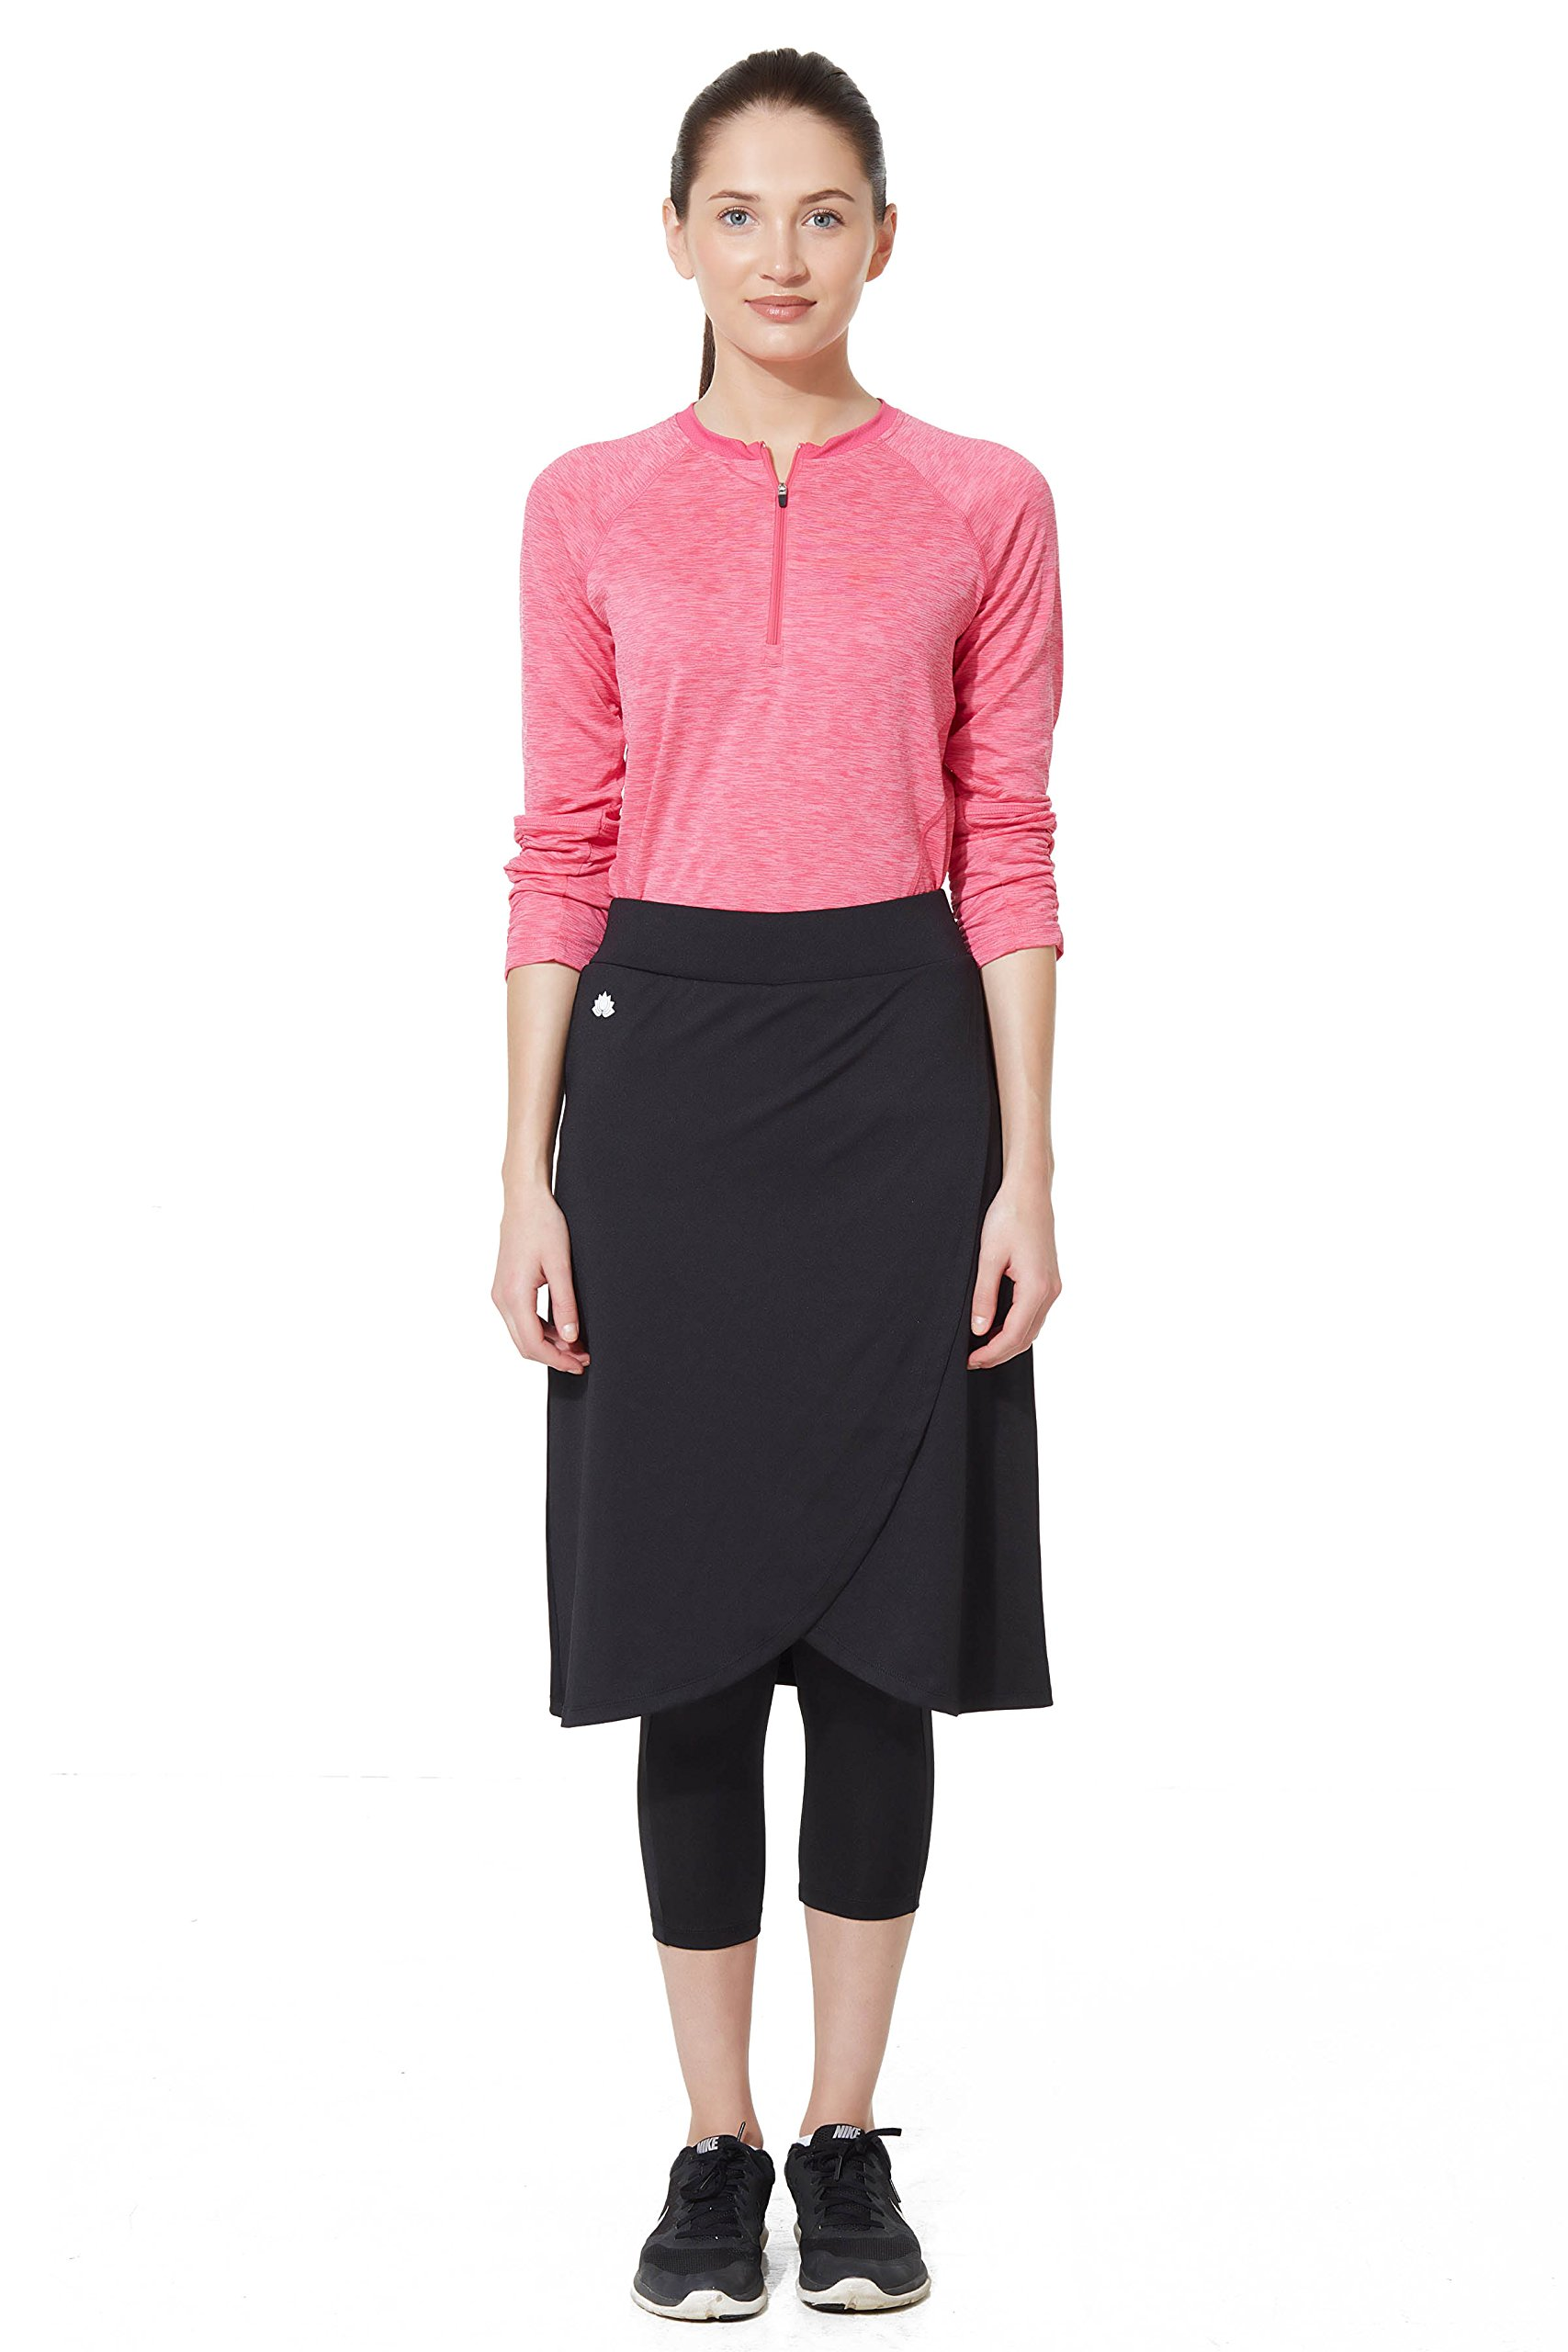 Modesty Athleisure Snoga Faux Wrap Skirt w/Attached Leggings - Black XXS